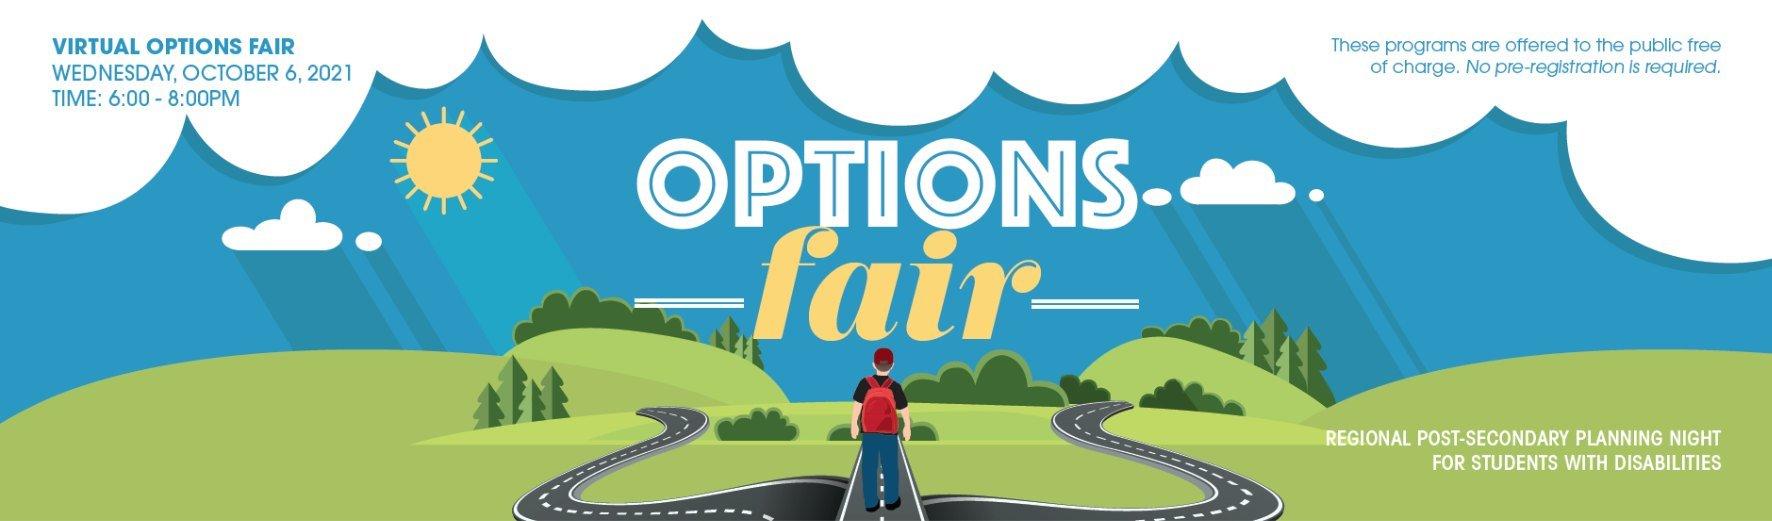 Options Fair